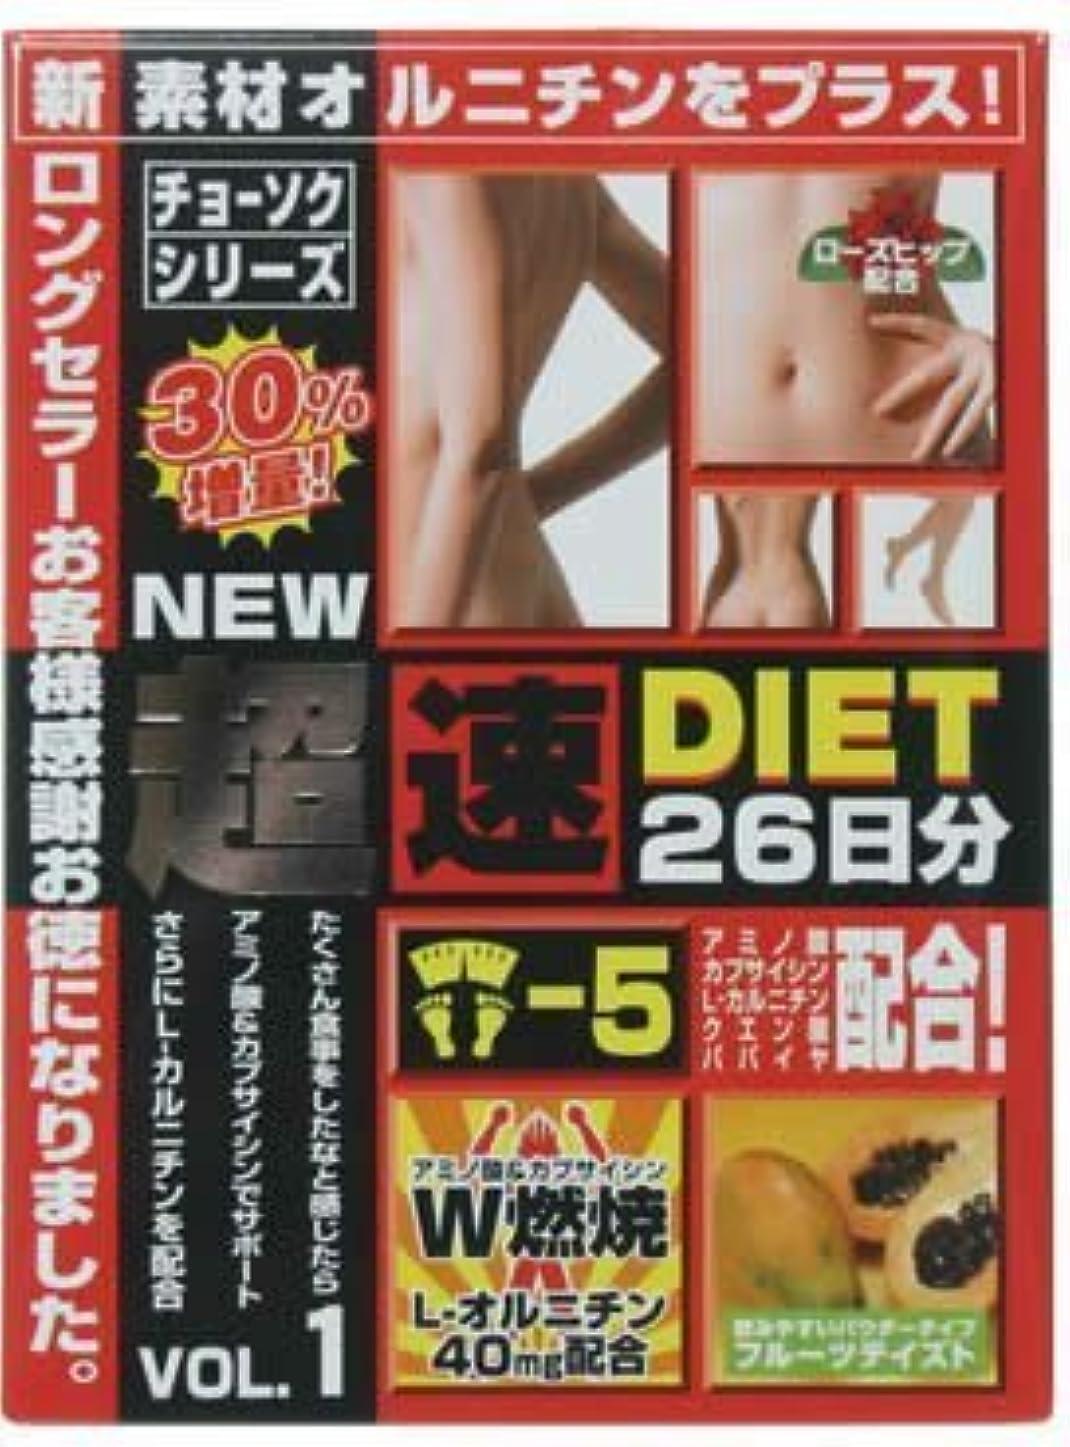 一時停止知的廃止する超速ダイエット 26包